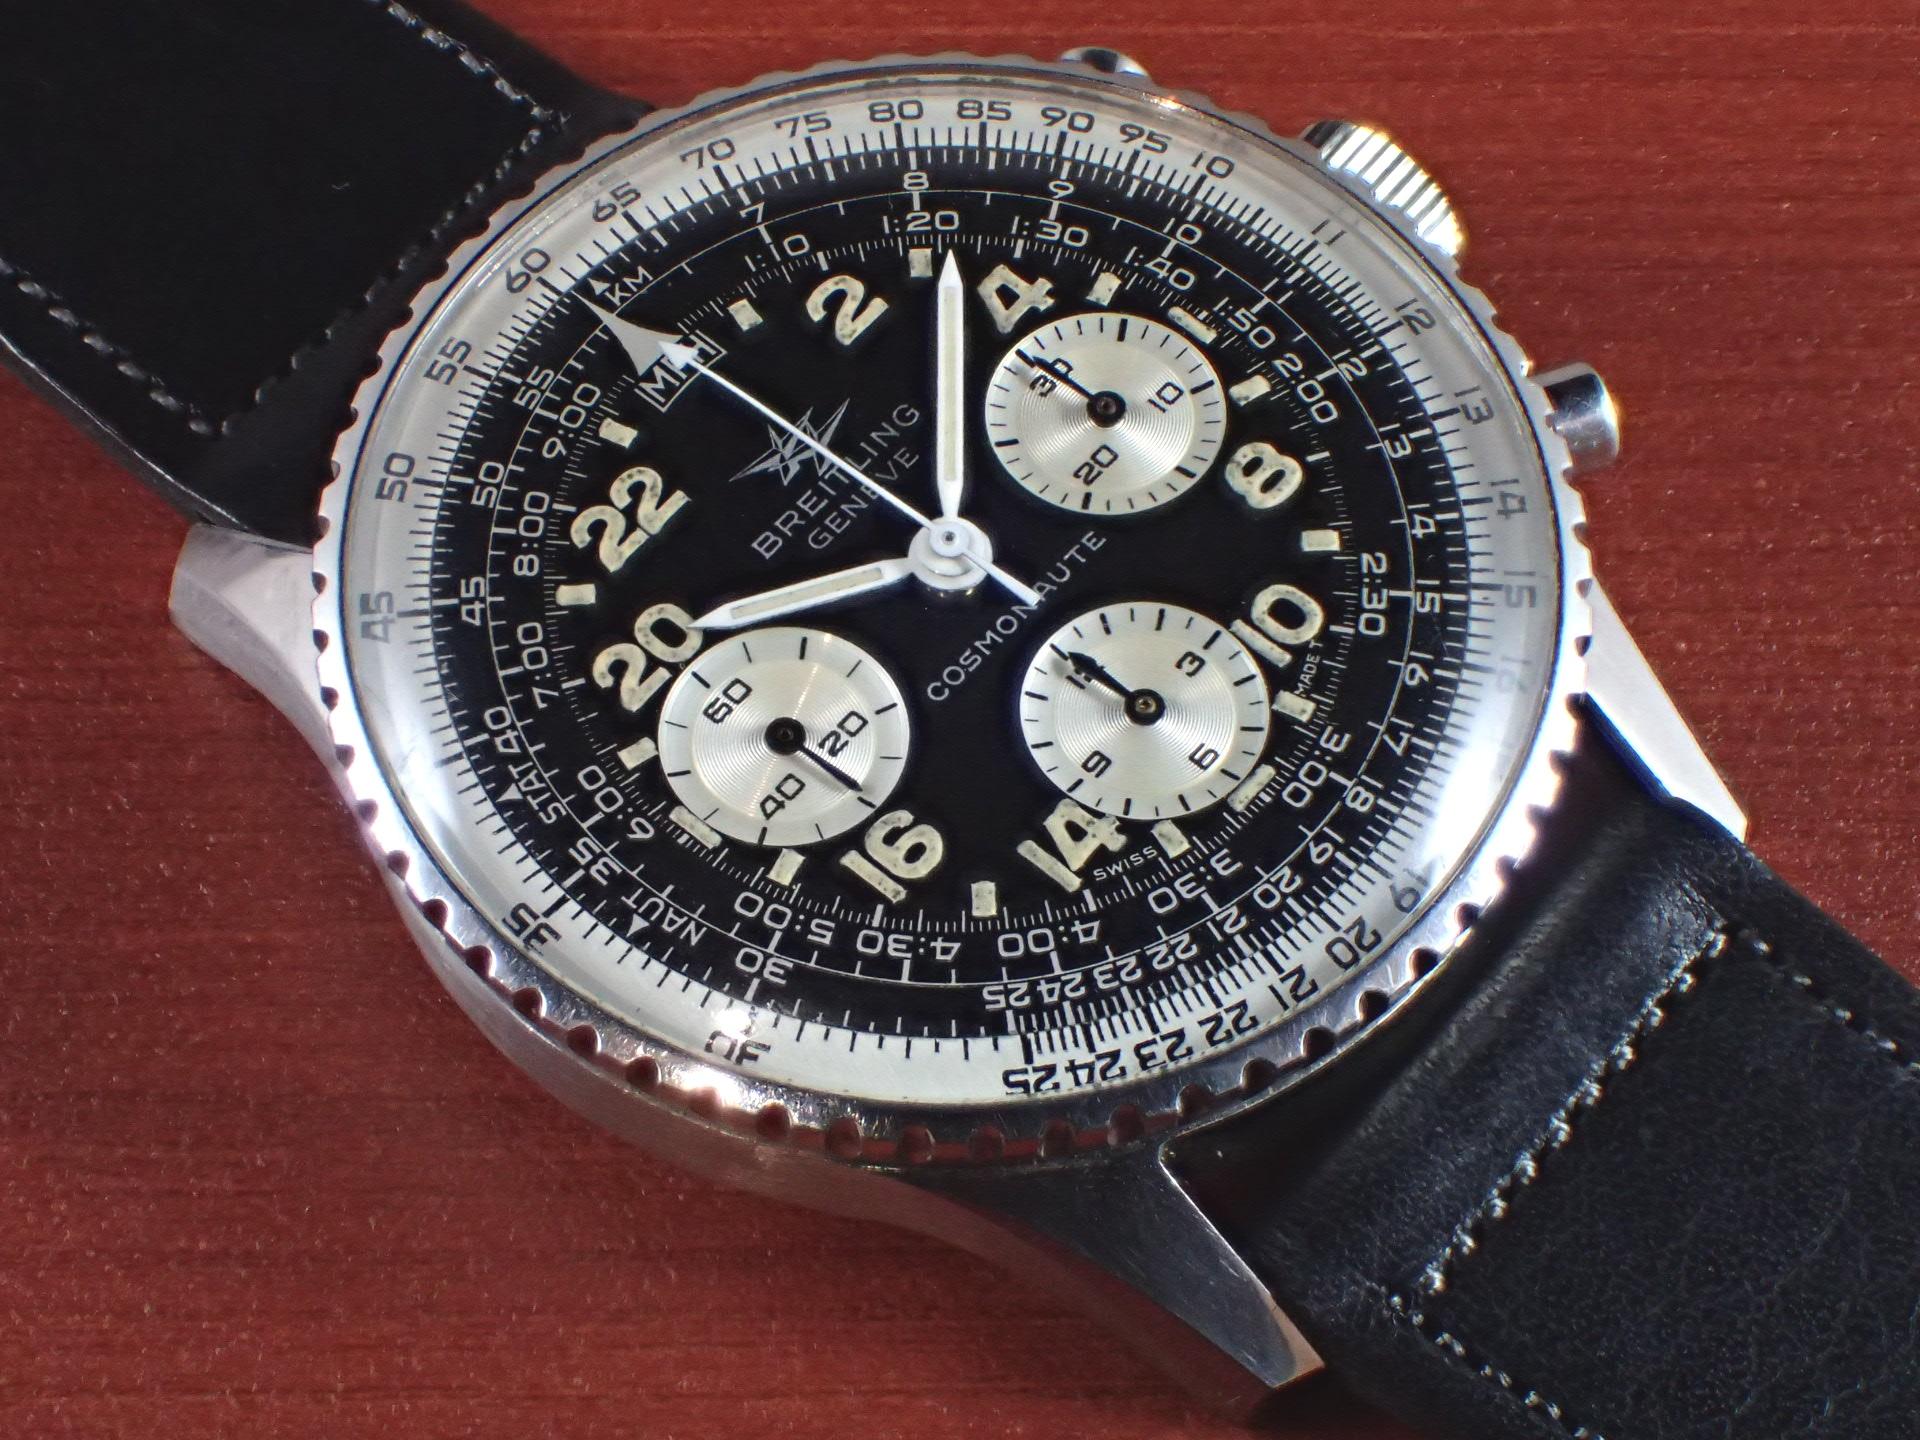 ブライトリング コスモノート Ref.809 24時間時計 1960年代のメイン写真